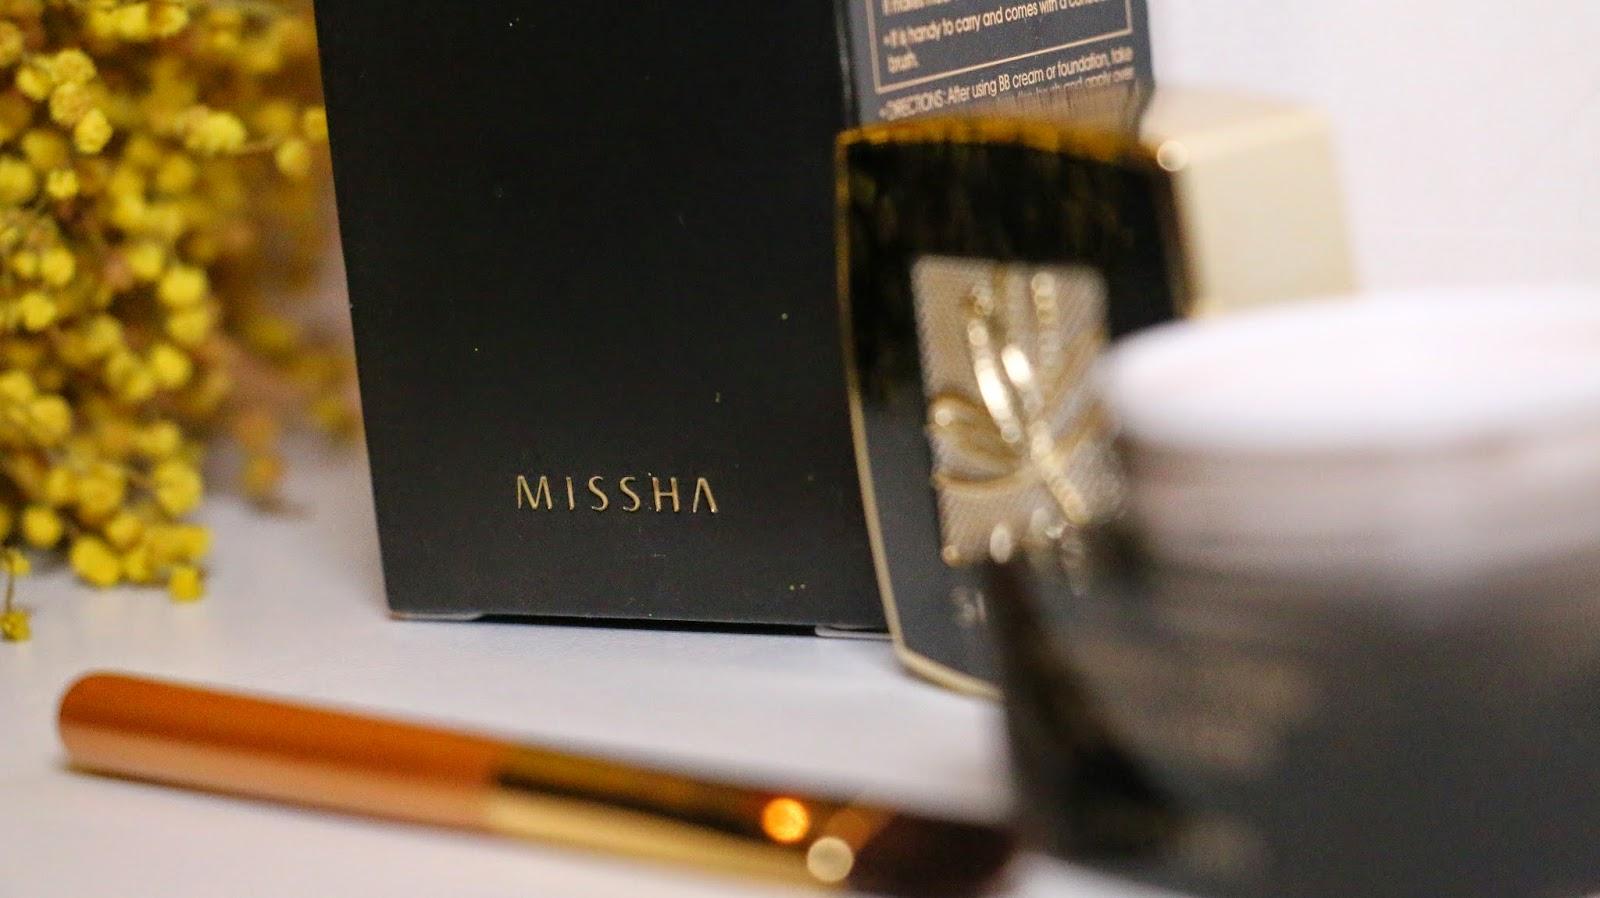 missha - concealer - gözaltı kapatıcısı - missha extreme cover concealer - makyaj blogları - kozmetik blogları -